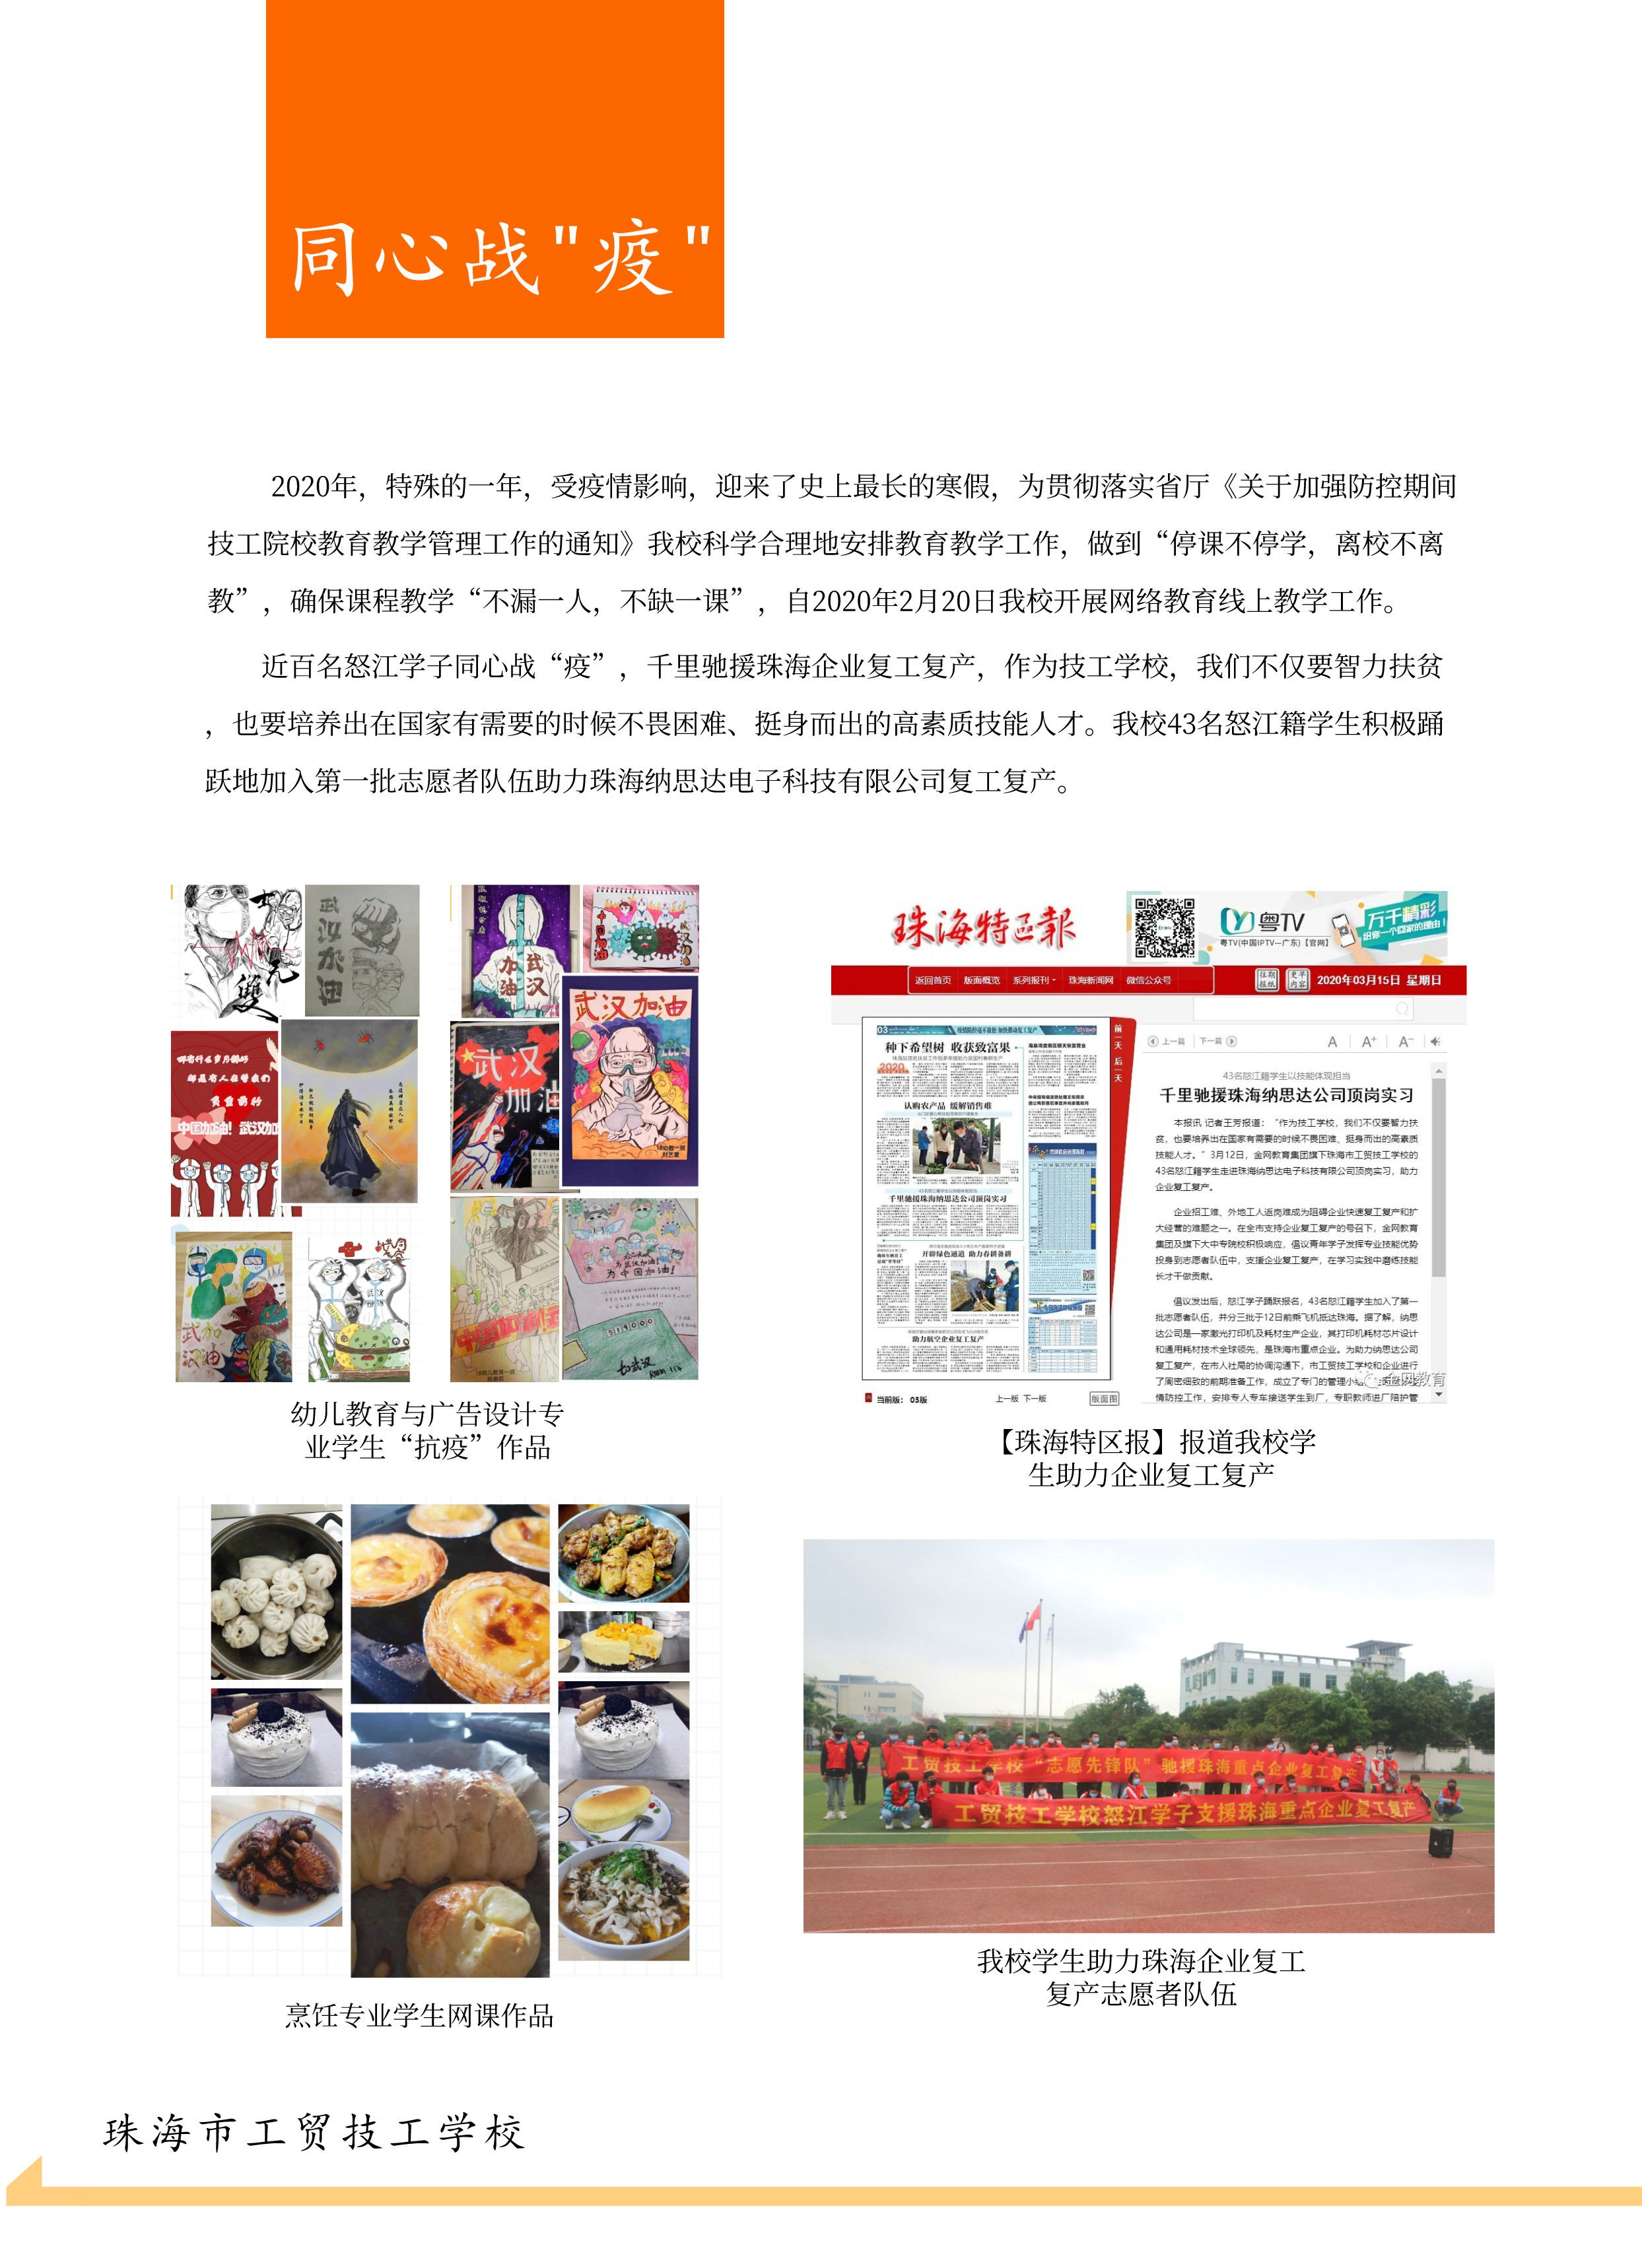 珠海市教育信息网_珠海市工贸技工学校 招生信息 招生简章 zhgmjg.com